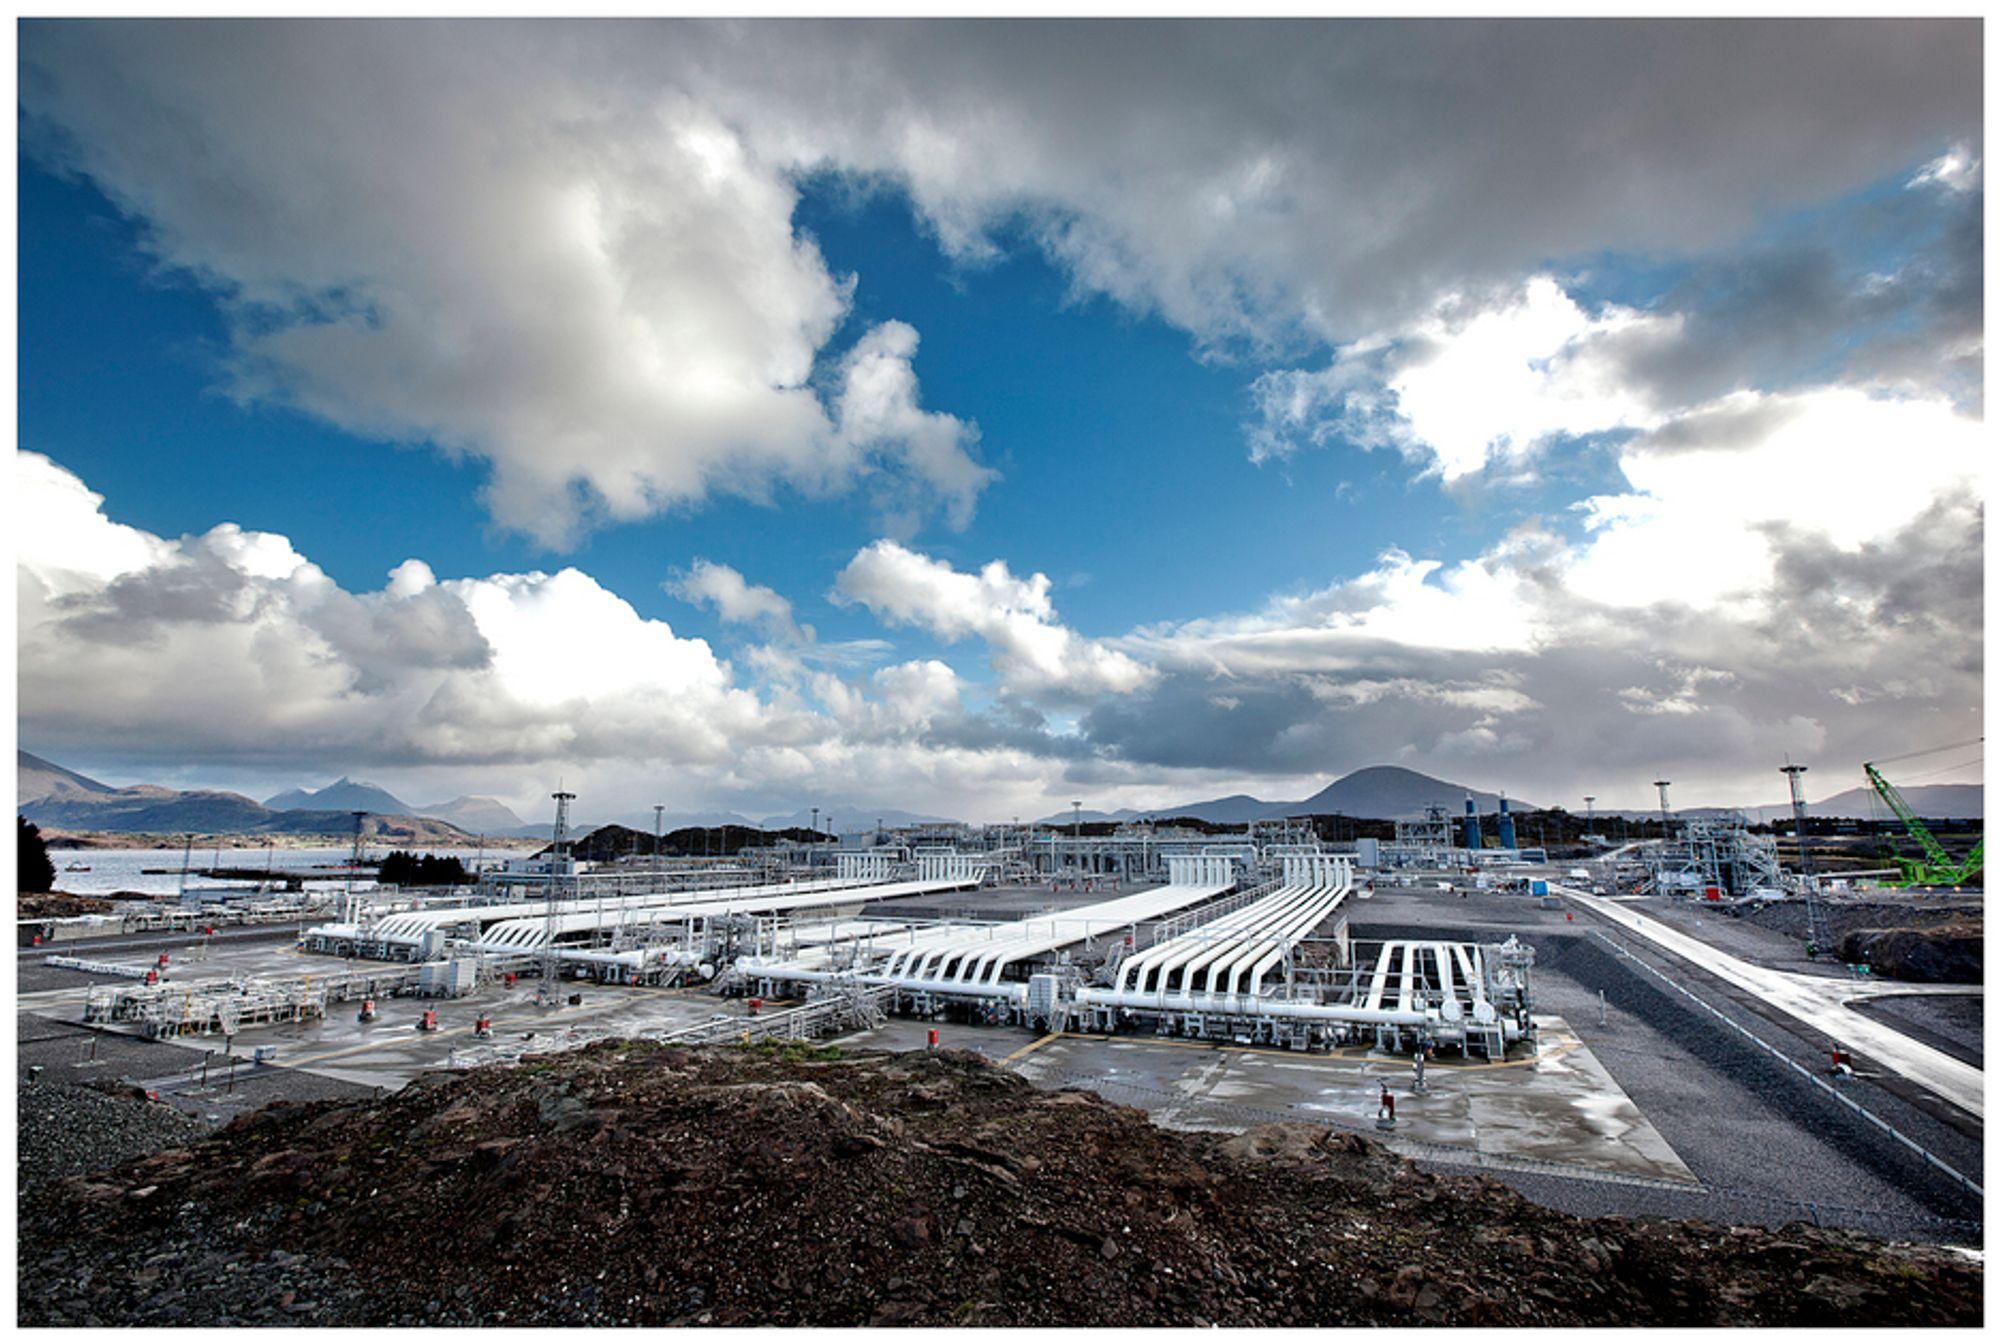 FÅR RABATT: Statnett er ikke fornøyd med å måtte gi petroleumsindustrien samme rabatt på sentralnettstariffen som den kraftintensive industrien. Bildet viser Shells anlegg på Nyhamna i Møre og Romsdal.